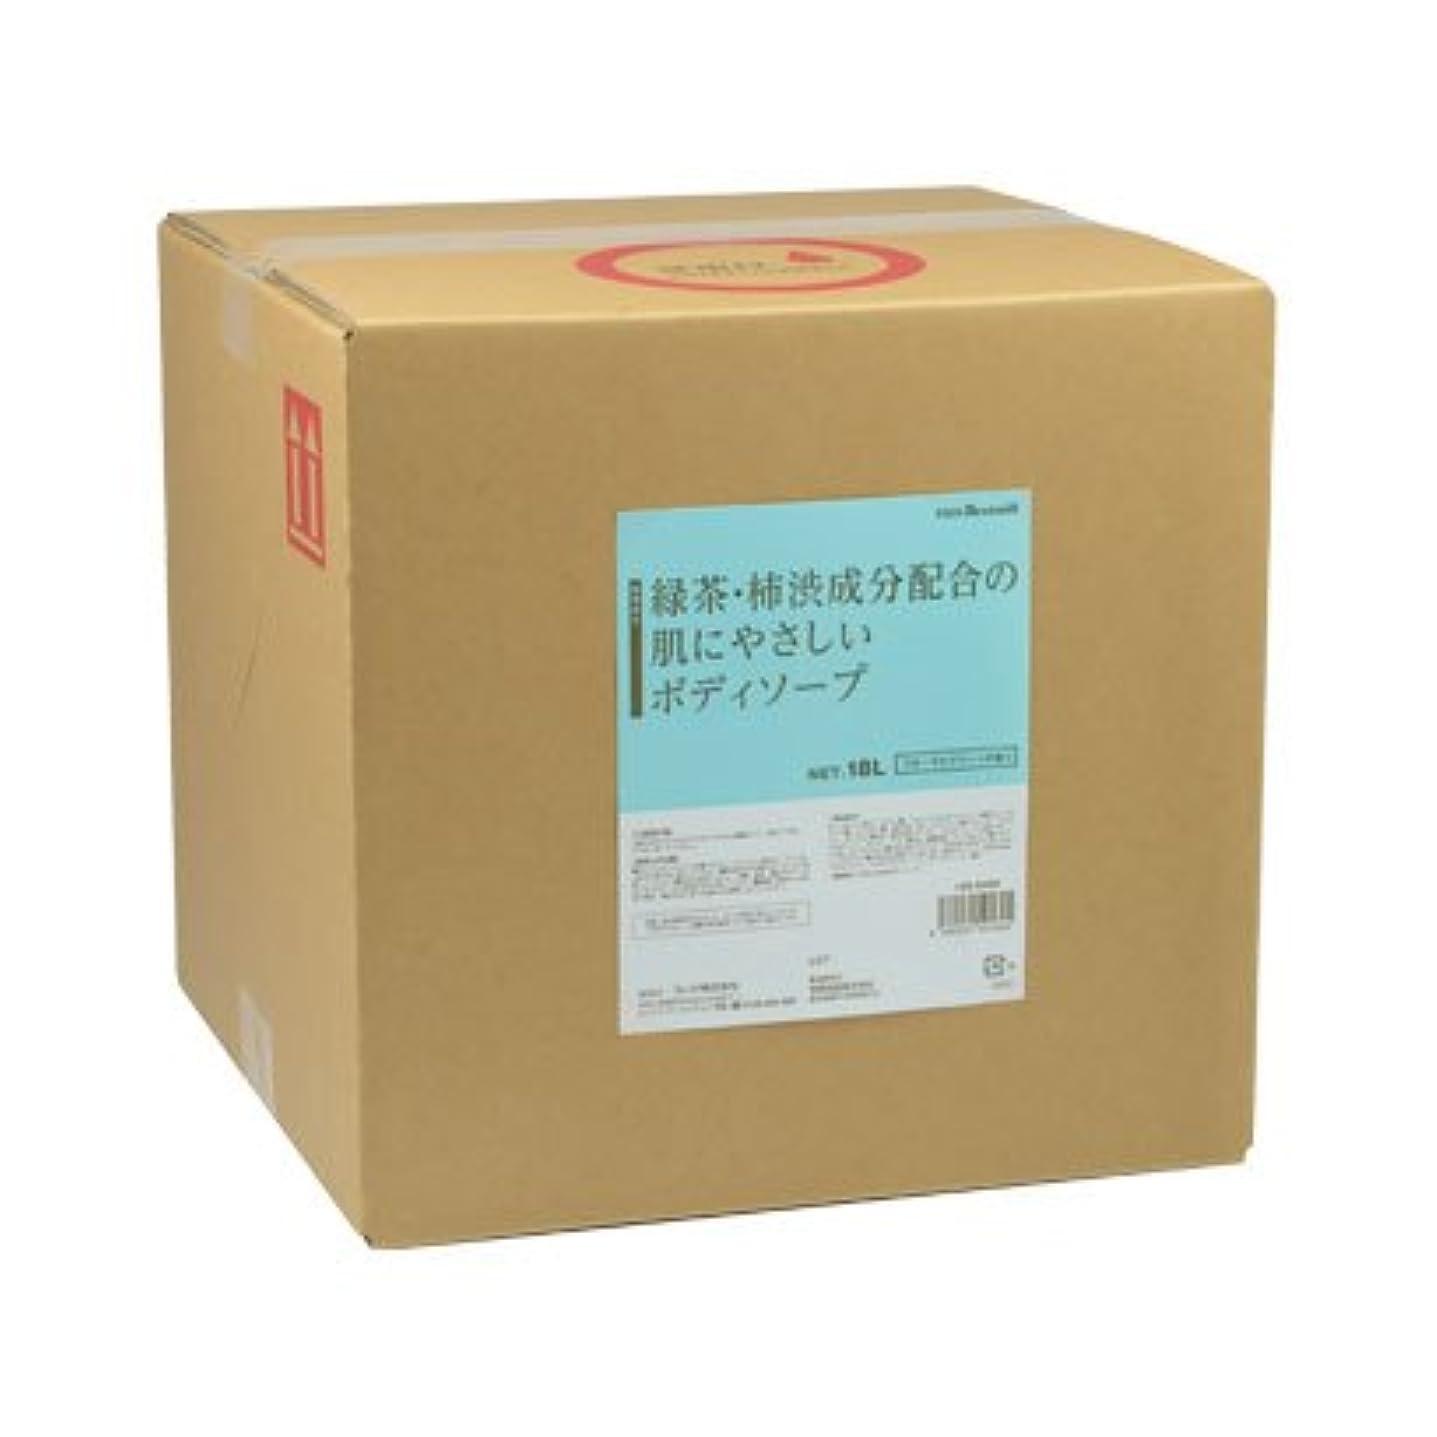 疫病アルカイックヘビ【業務用】 FEED(フィード) 緑茶?柿渋成分配合の肌にやさしいボディソープ/18L 石けん 入数 1ケース